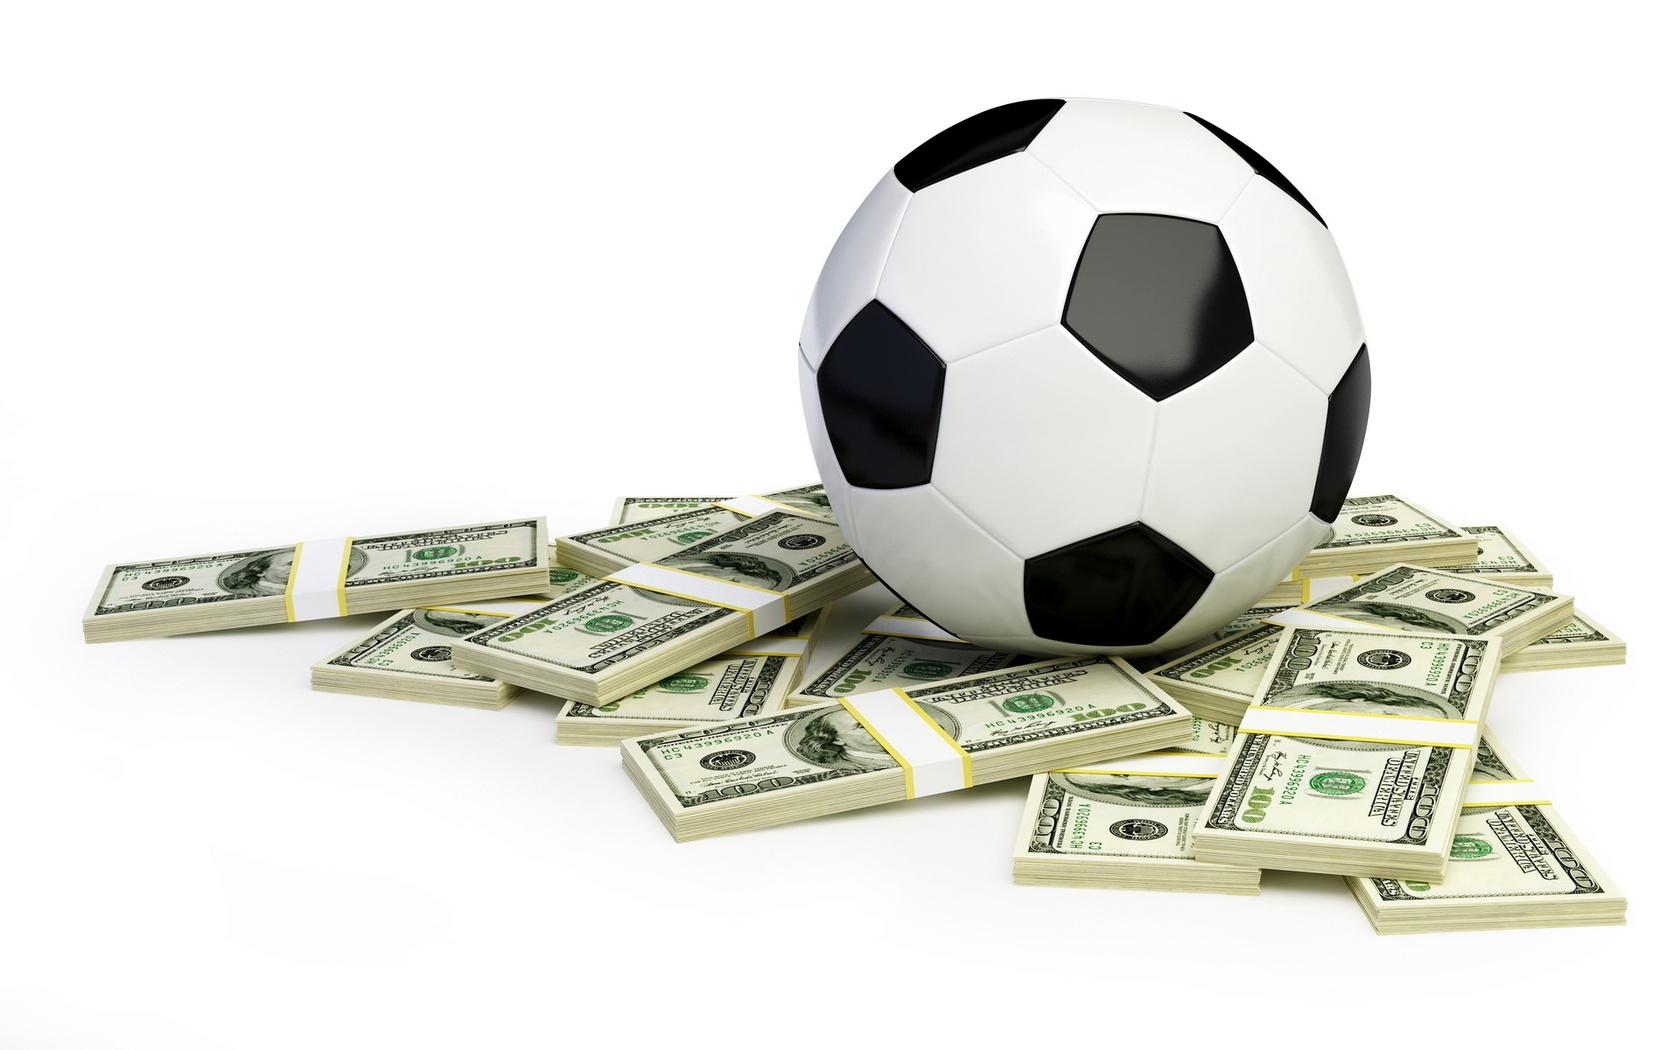 футбольный мяч и доллары, обои для рабочего стола, скачать фото